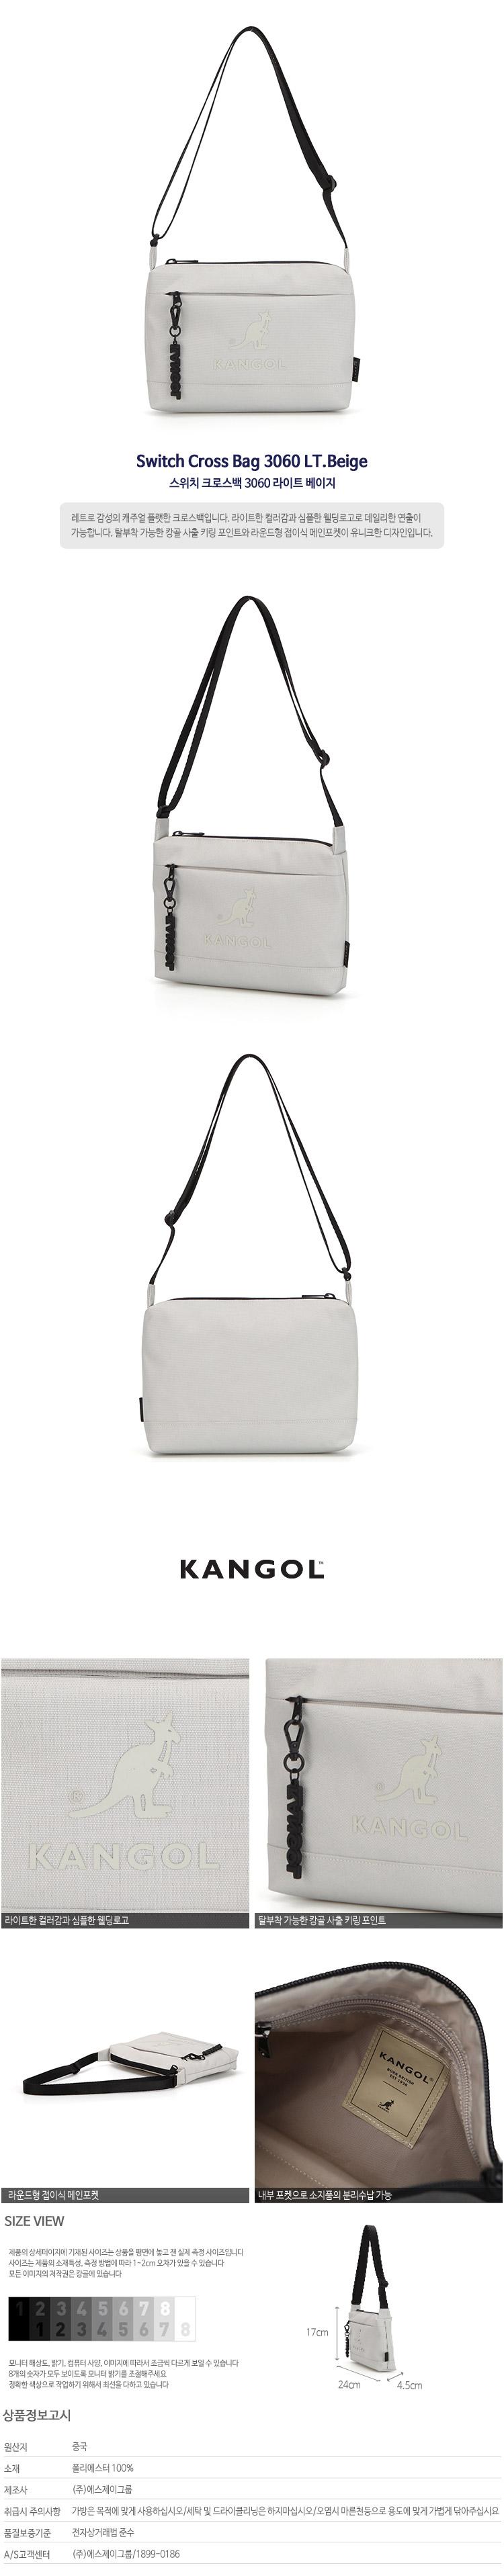 Switch Cross Bag 3060 LT.BEIGE